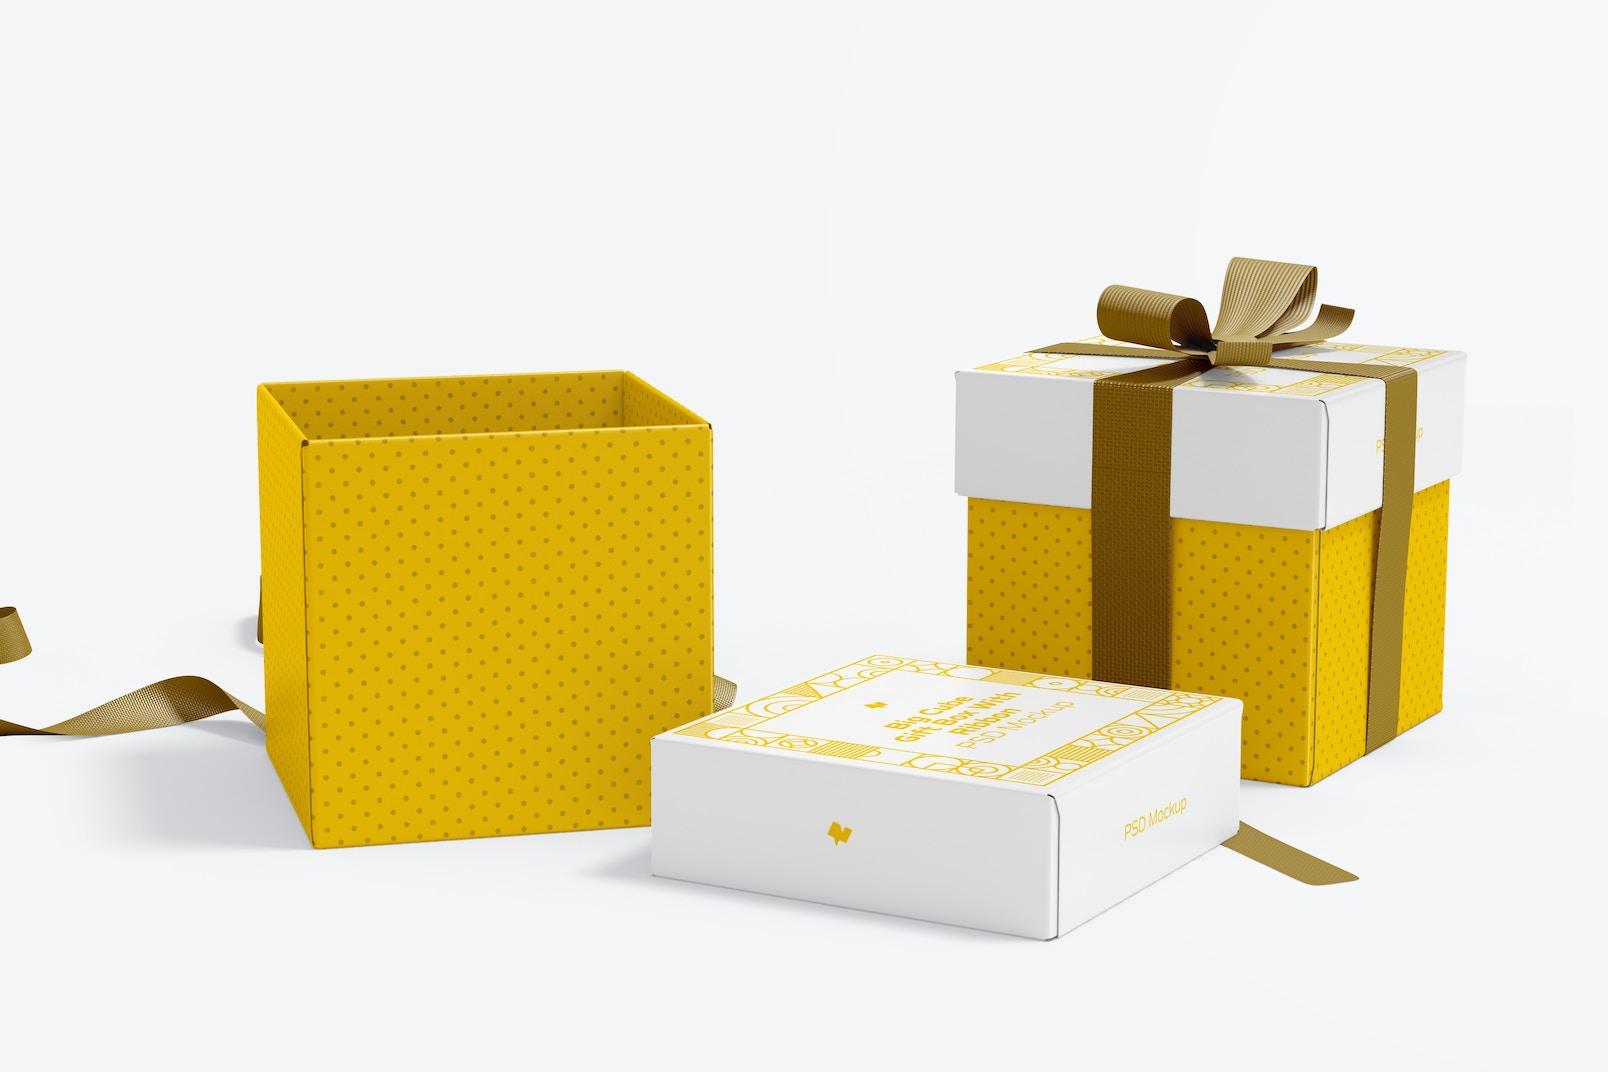 Maqueta de Cajas Cúbicas Grandes con Lazo, Abiertas y Cerradas